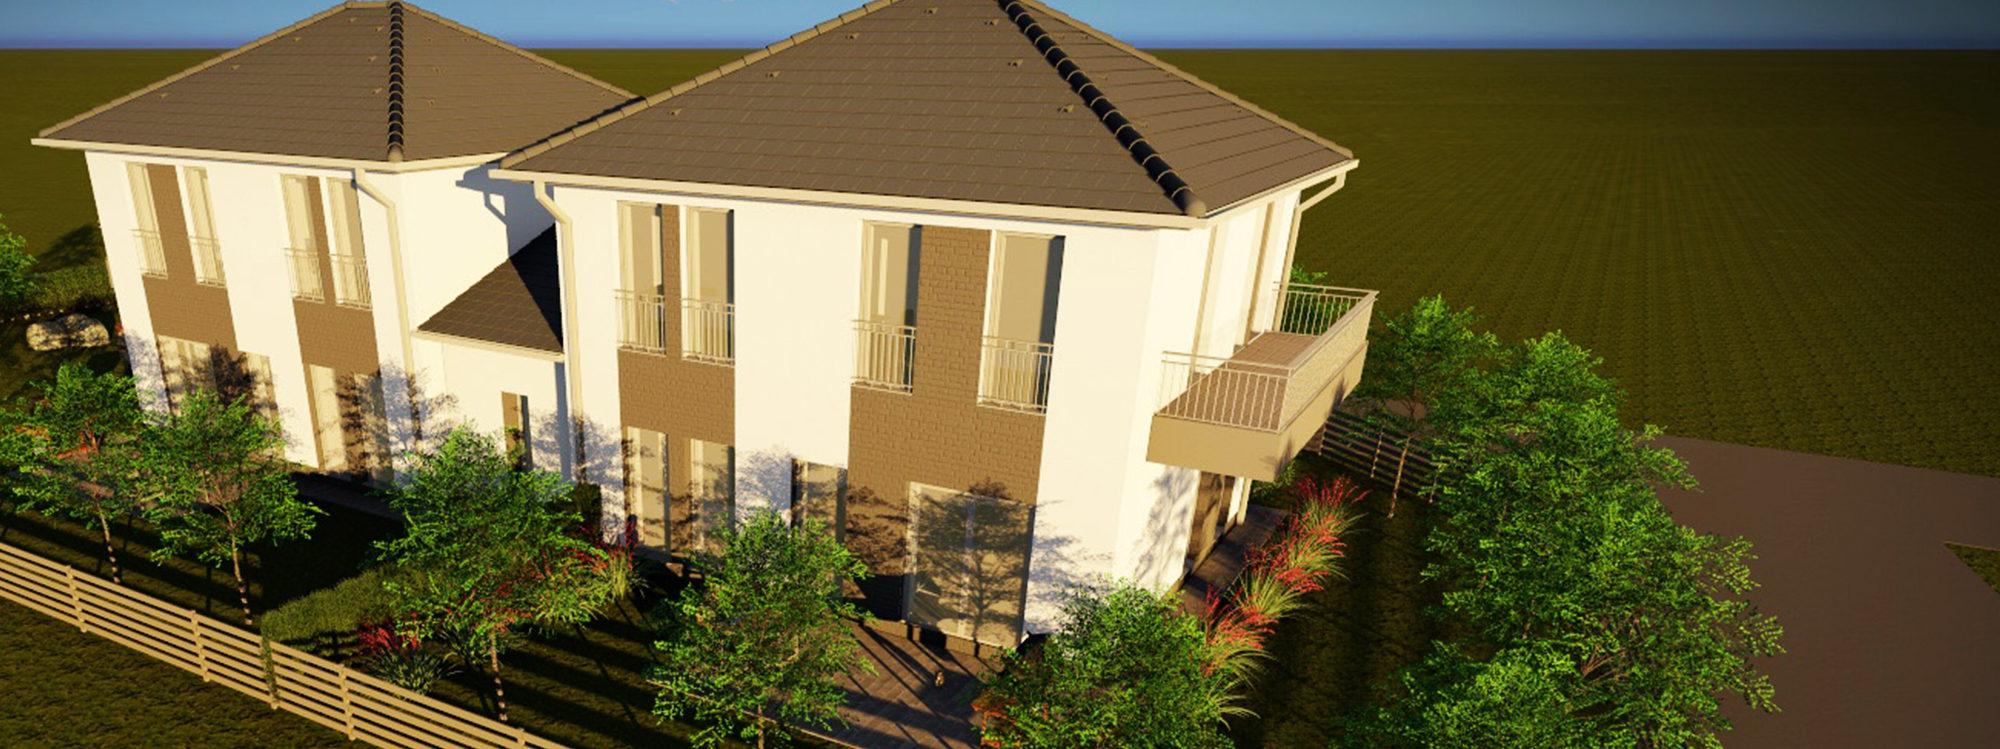 XVII. ker Rákoscsaba új építésű eladó ikerház